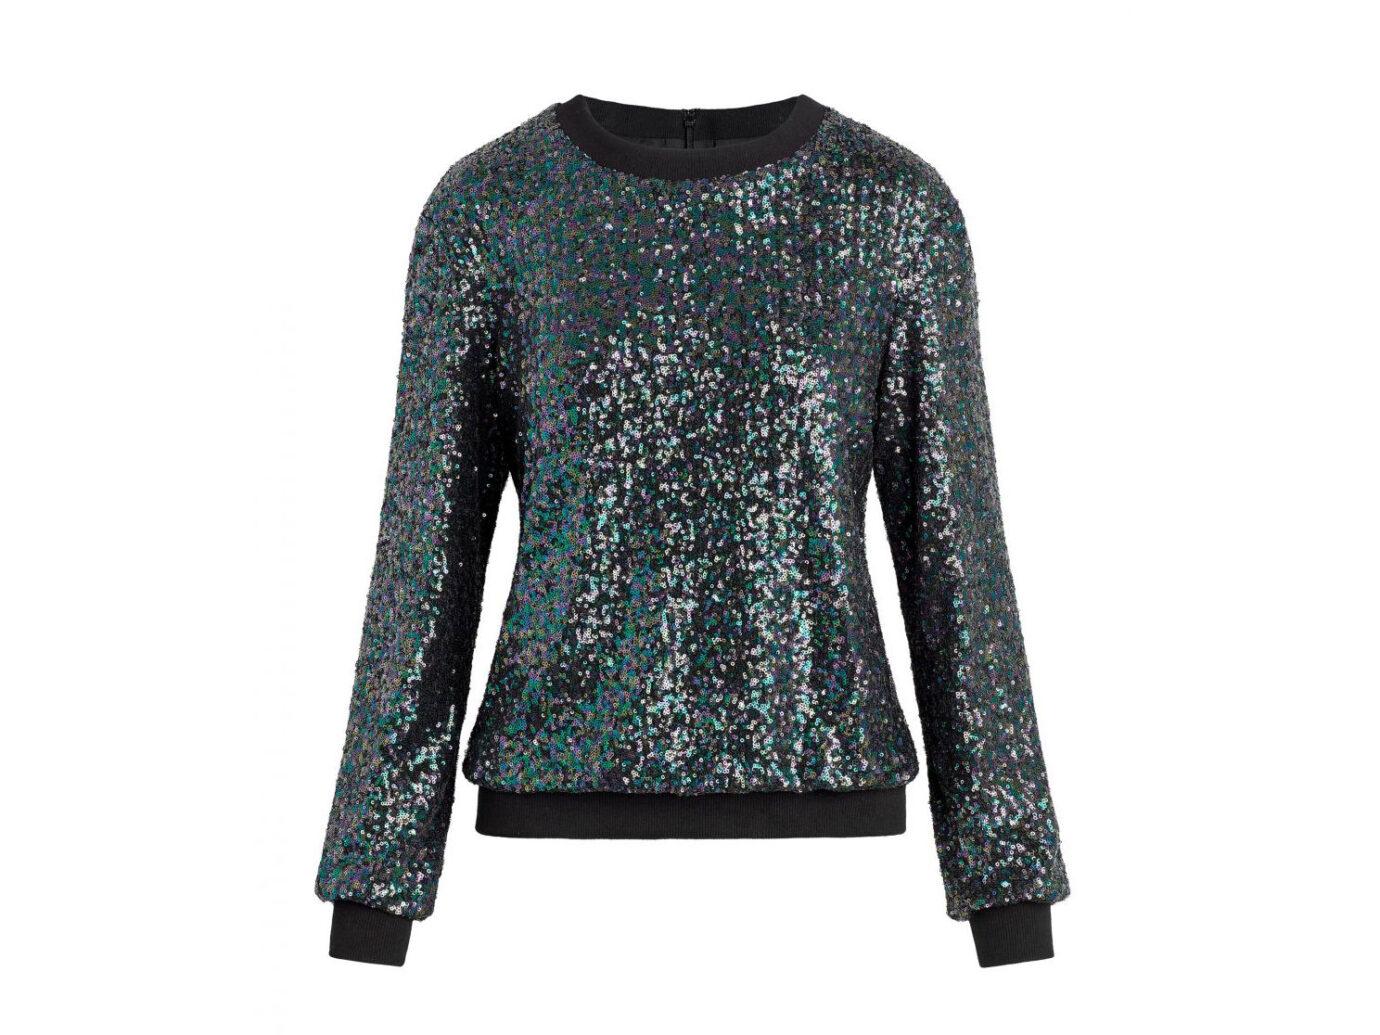 Rachel Zoe Riga Iridescent Sequin Sweatshirt